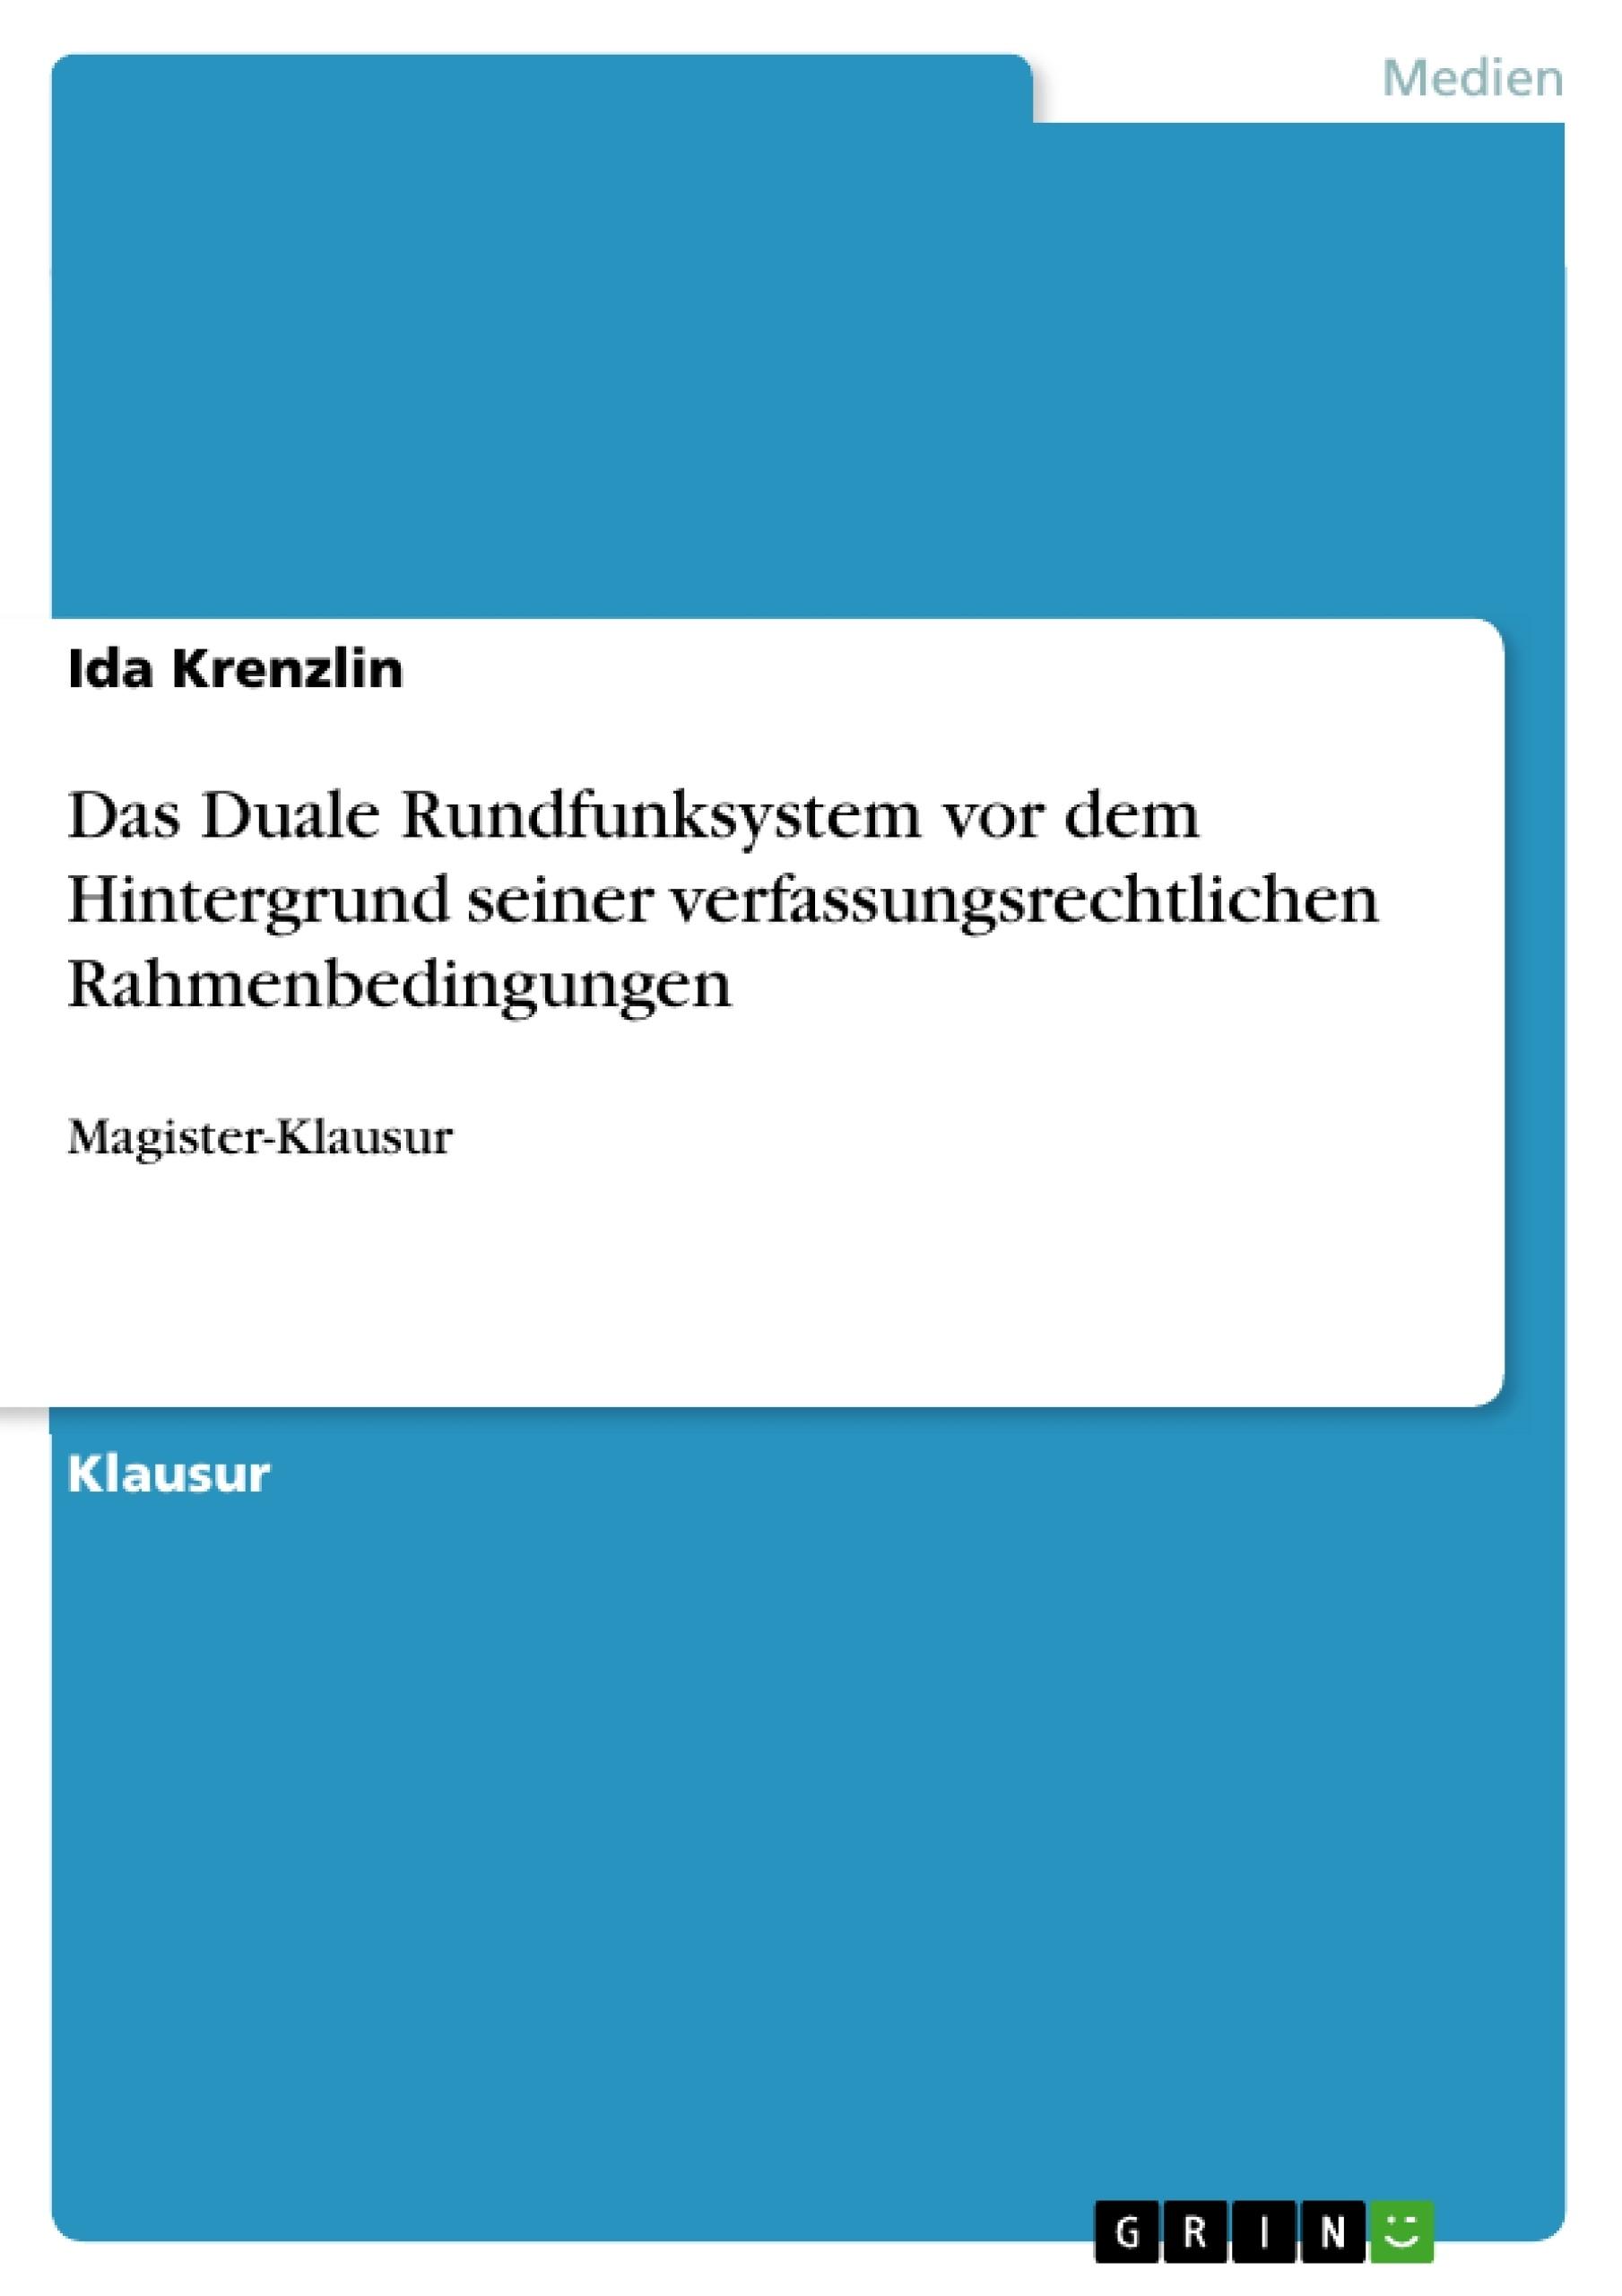 Titel: Das Duale Rundfunksystem vor dem Hintergrund seiner verfassungsrechtlichen Rahmenbedingungen